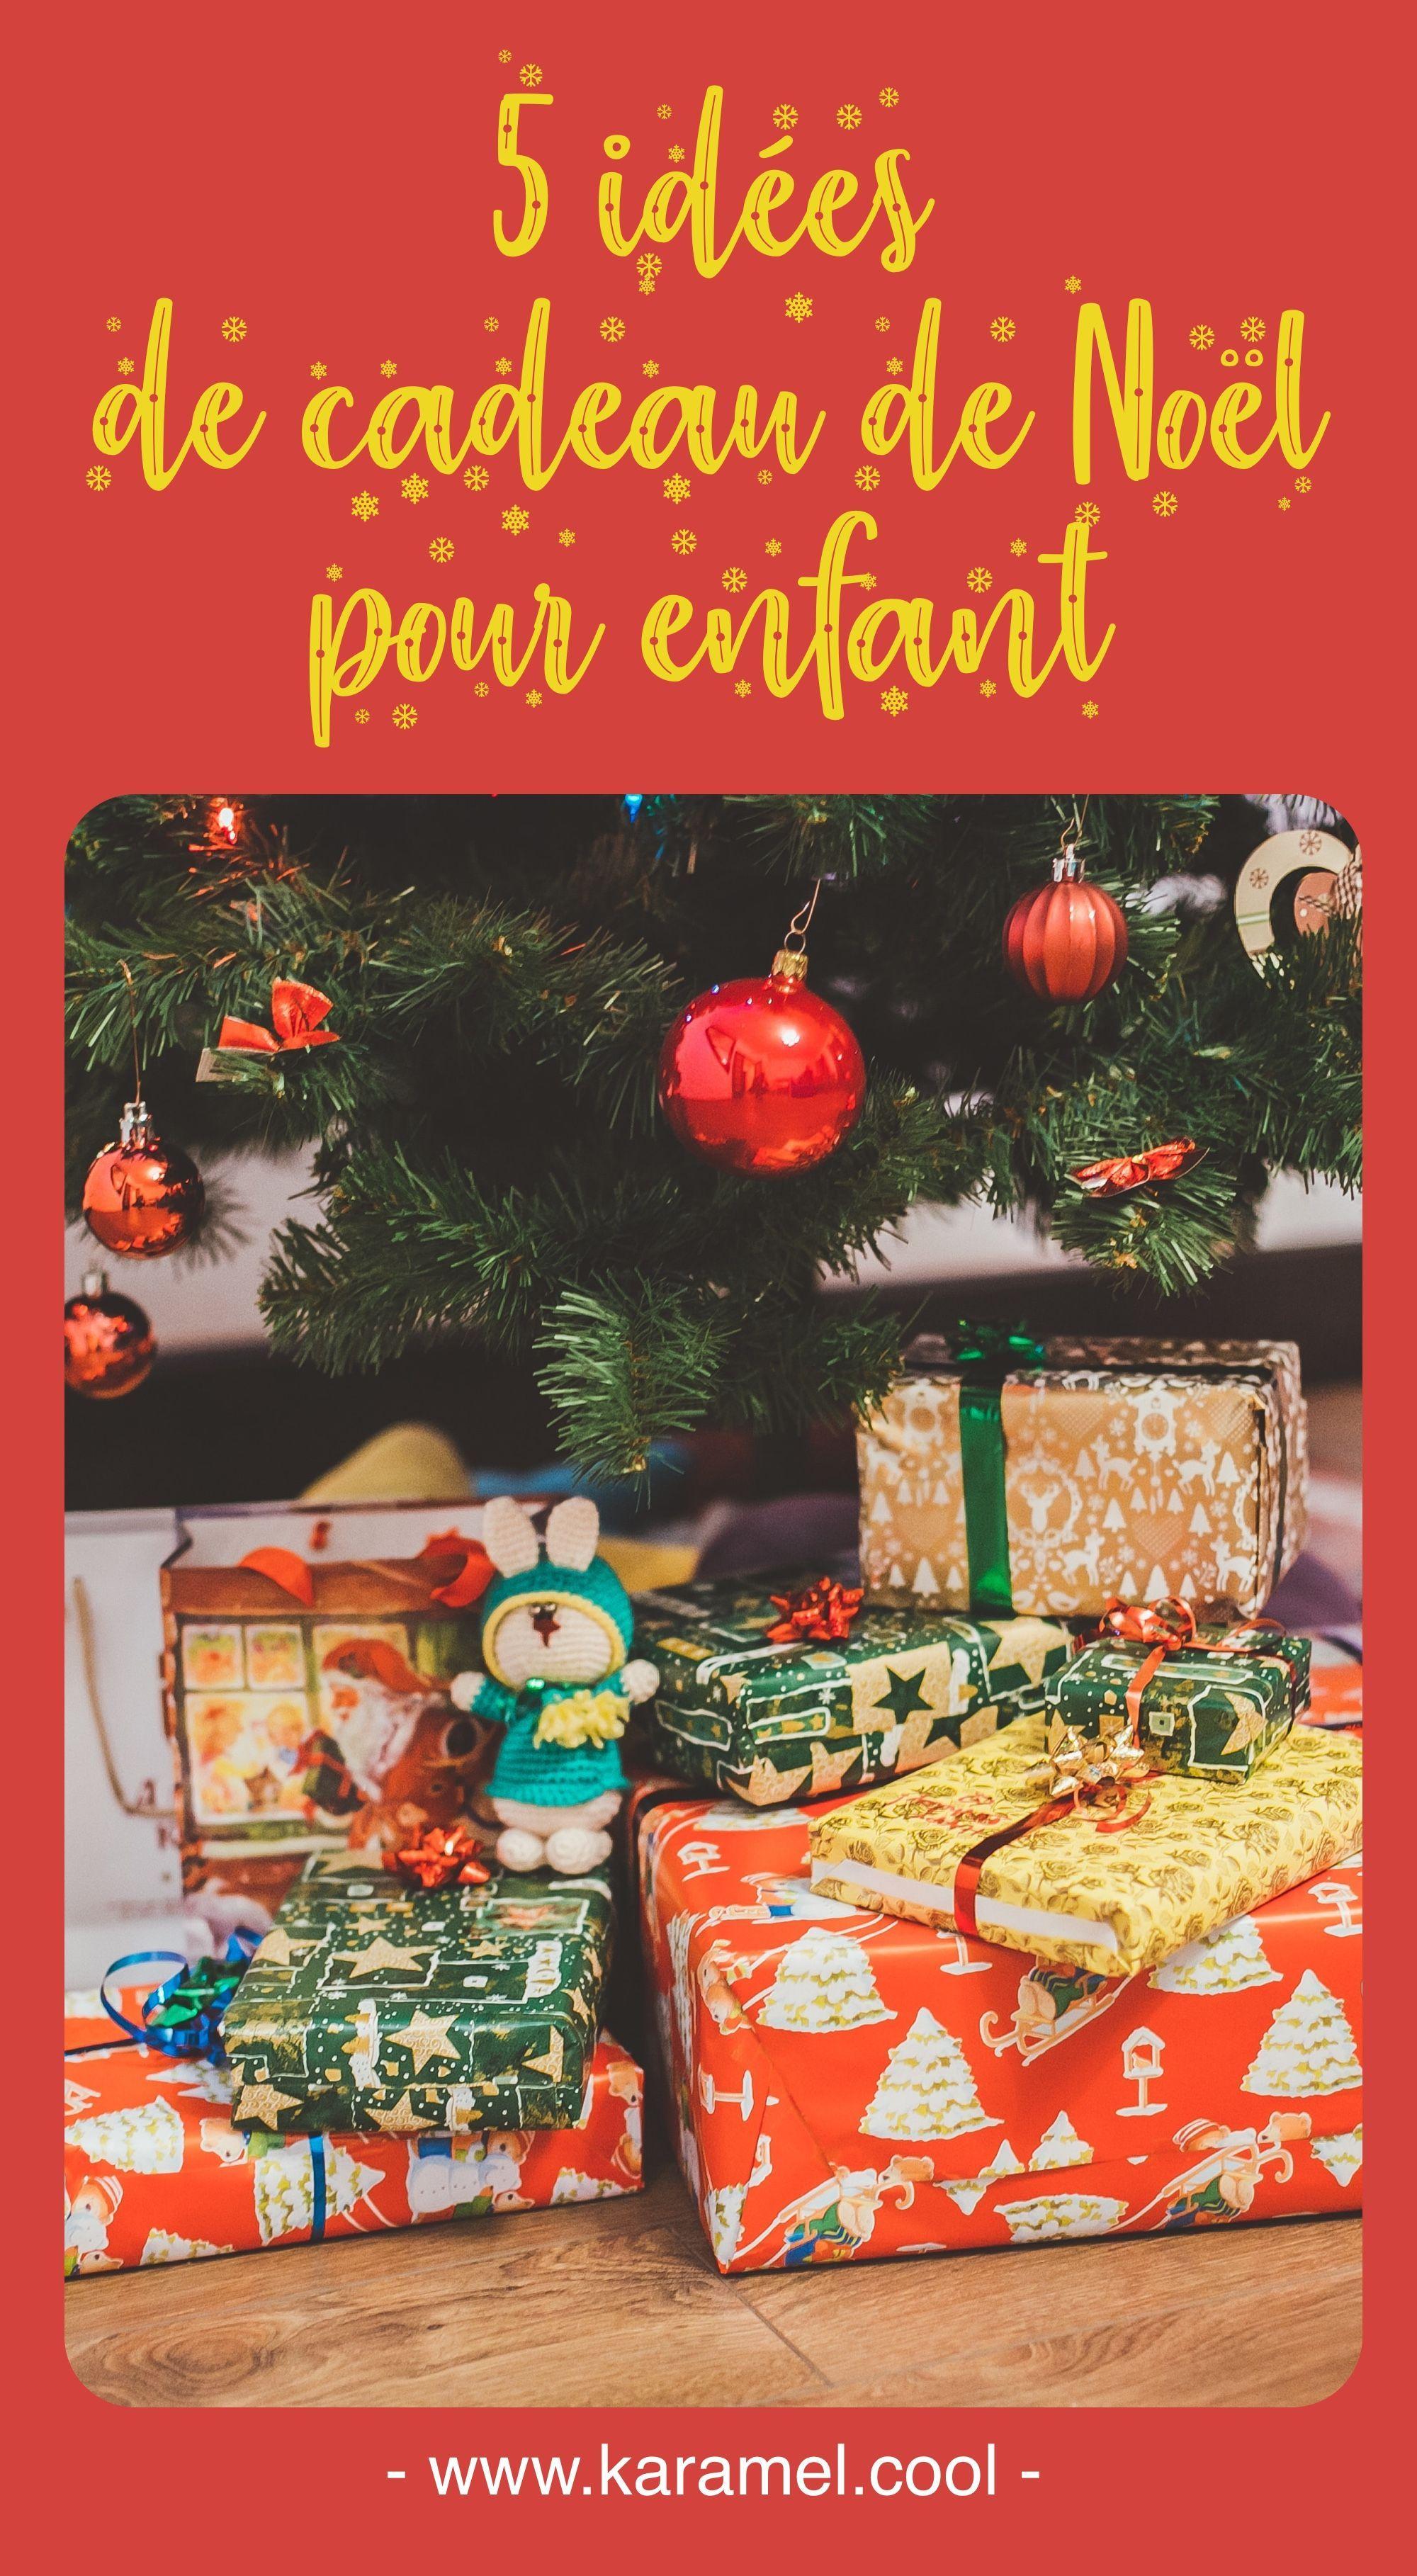 5 idées de cadeau de Noël pour enfant  Noël approche à grands pas, il est l'heure d'aller acheter ses cadeaux.  Fille ou garçon, pour petits ou plus grands, utile et pas cher, tendance ou fait main... le choix est difficile et l'inspiration dure à trouver. Karamel est là pour vous faire passer de merveilleux moments à la maison en famille et de faire de ce Noël 2019 une réussite !  #idéecadeauenfant #cadeauenfant #cadeauNoël #idéecadeaunoel #idéecadeau2ans #idéecadeau3ans #idéeca #cadeaunoelfaitmainenfant